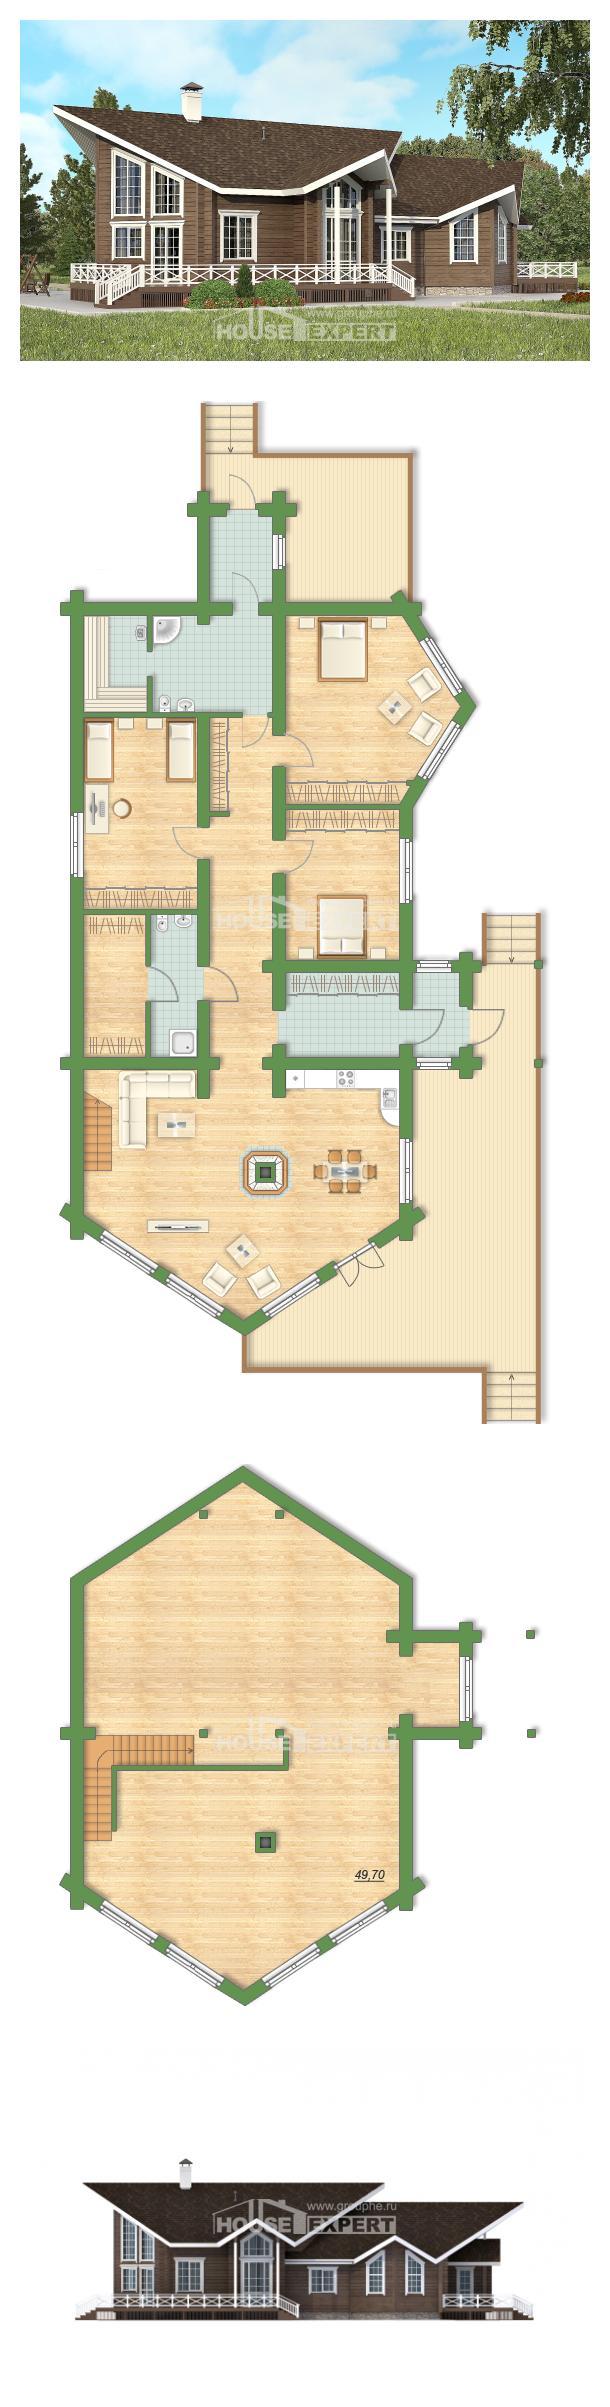 Plan 210-002-L | House Expert